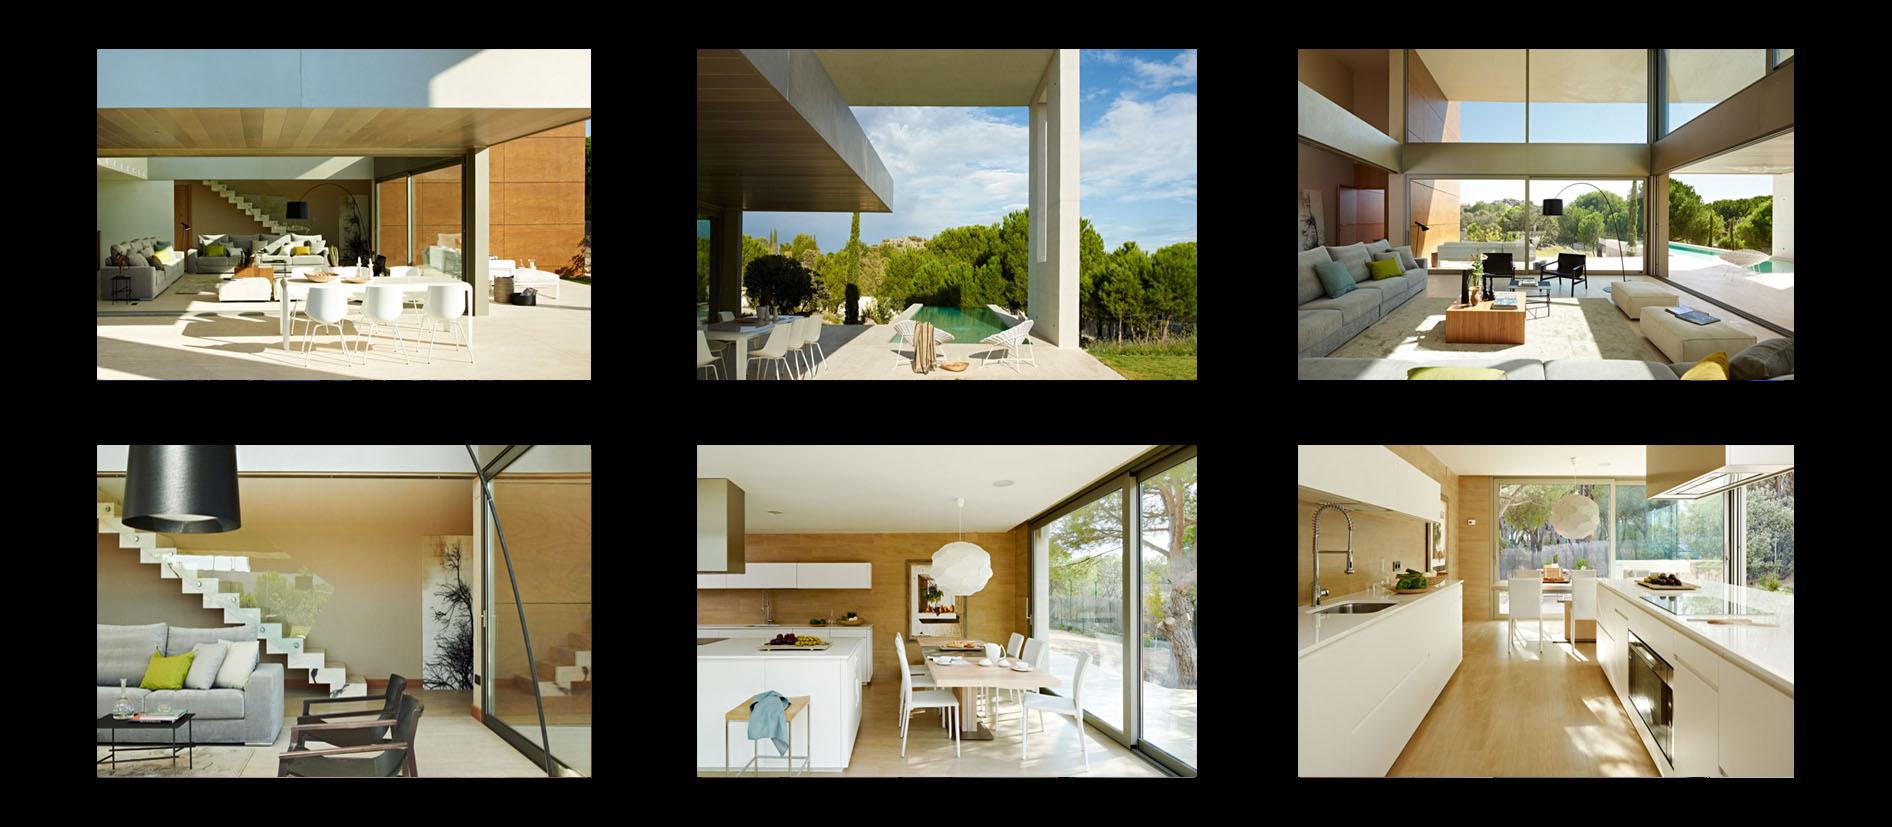 proyecto-realizado-vivienda-exclusiva-madrid-construcciones-amb-segovi